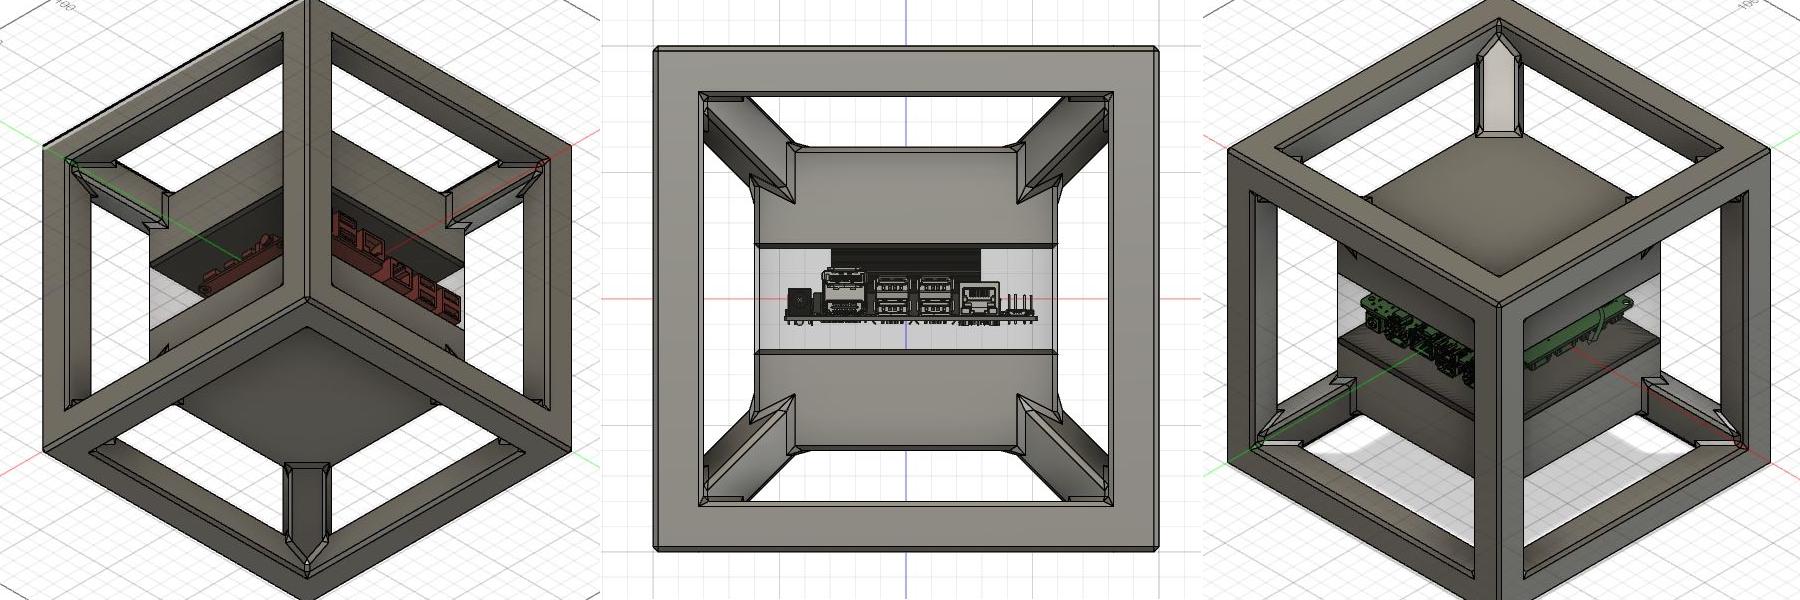 Tru3bic0n  корпус в кубической орбитальной пространственной раме